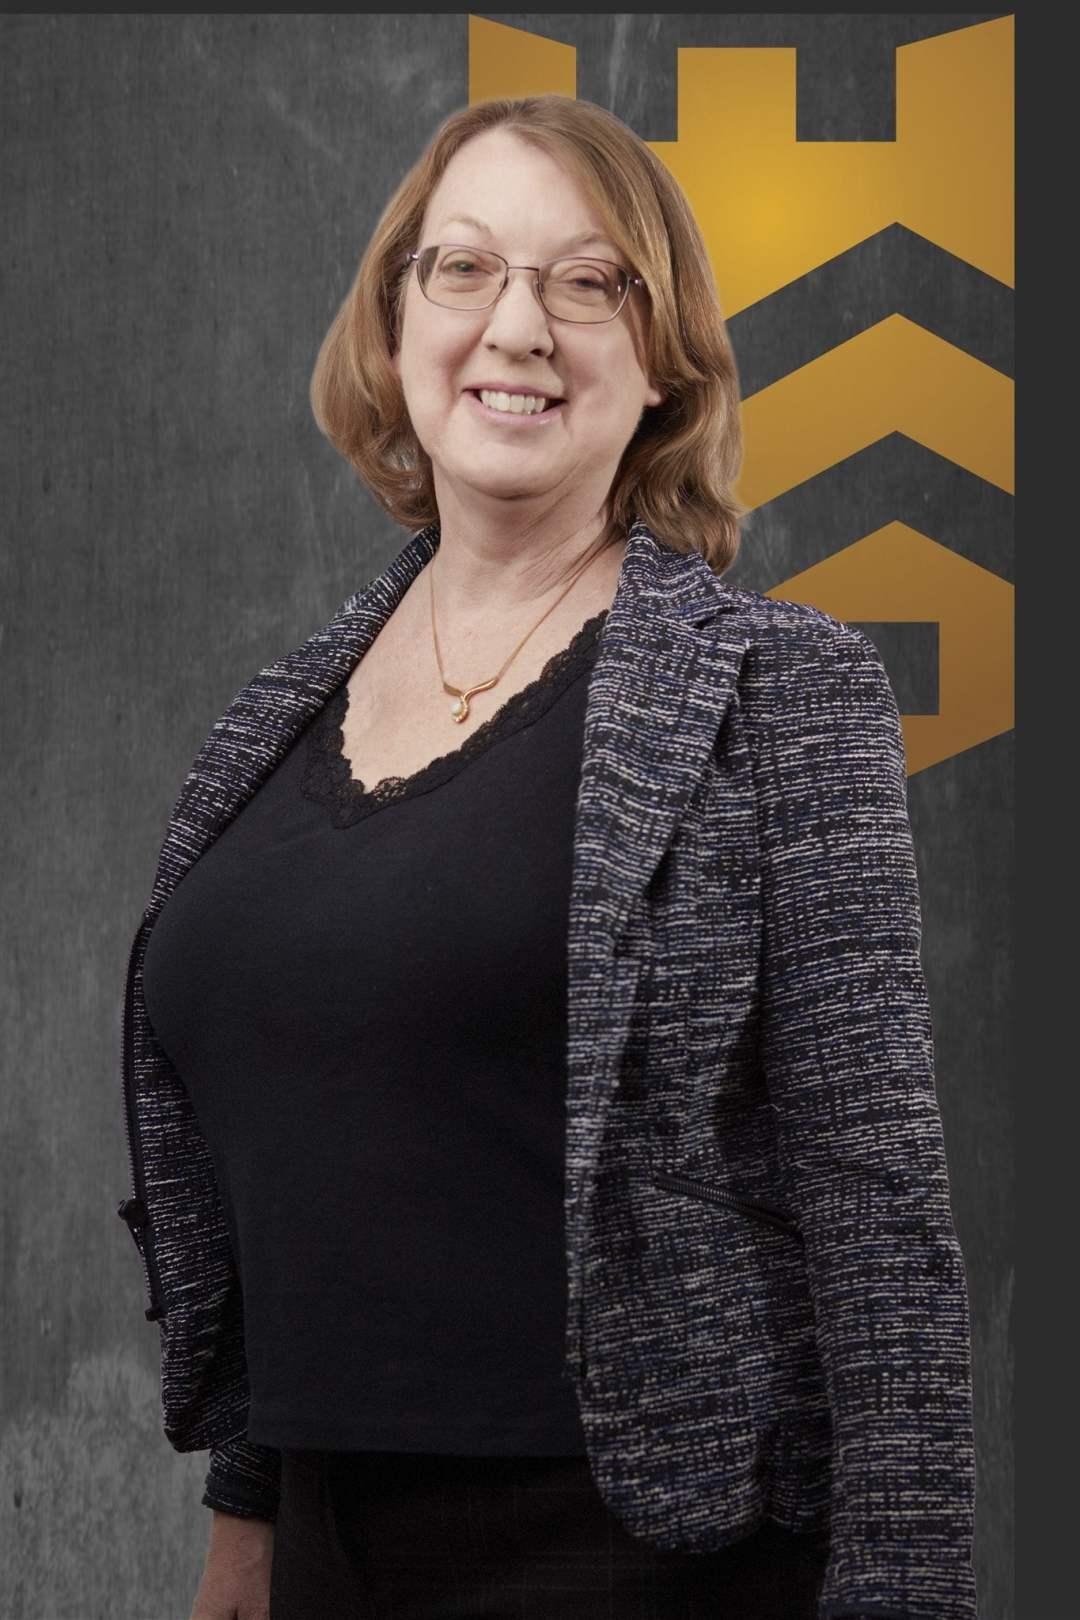 Susan Billings